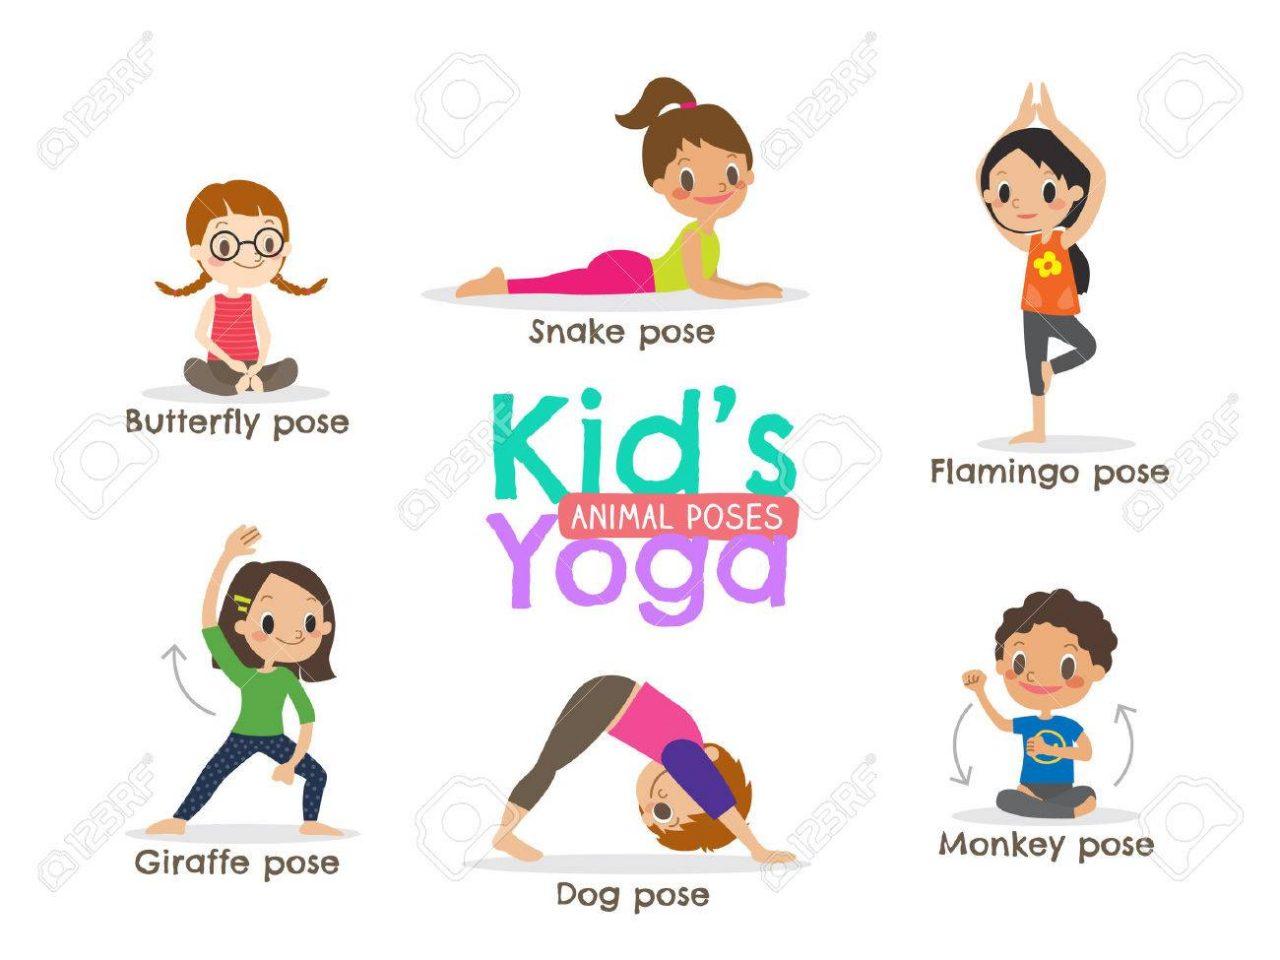 En este momento estás viendo Posturas de yoga dibujos